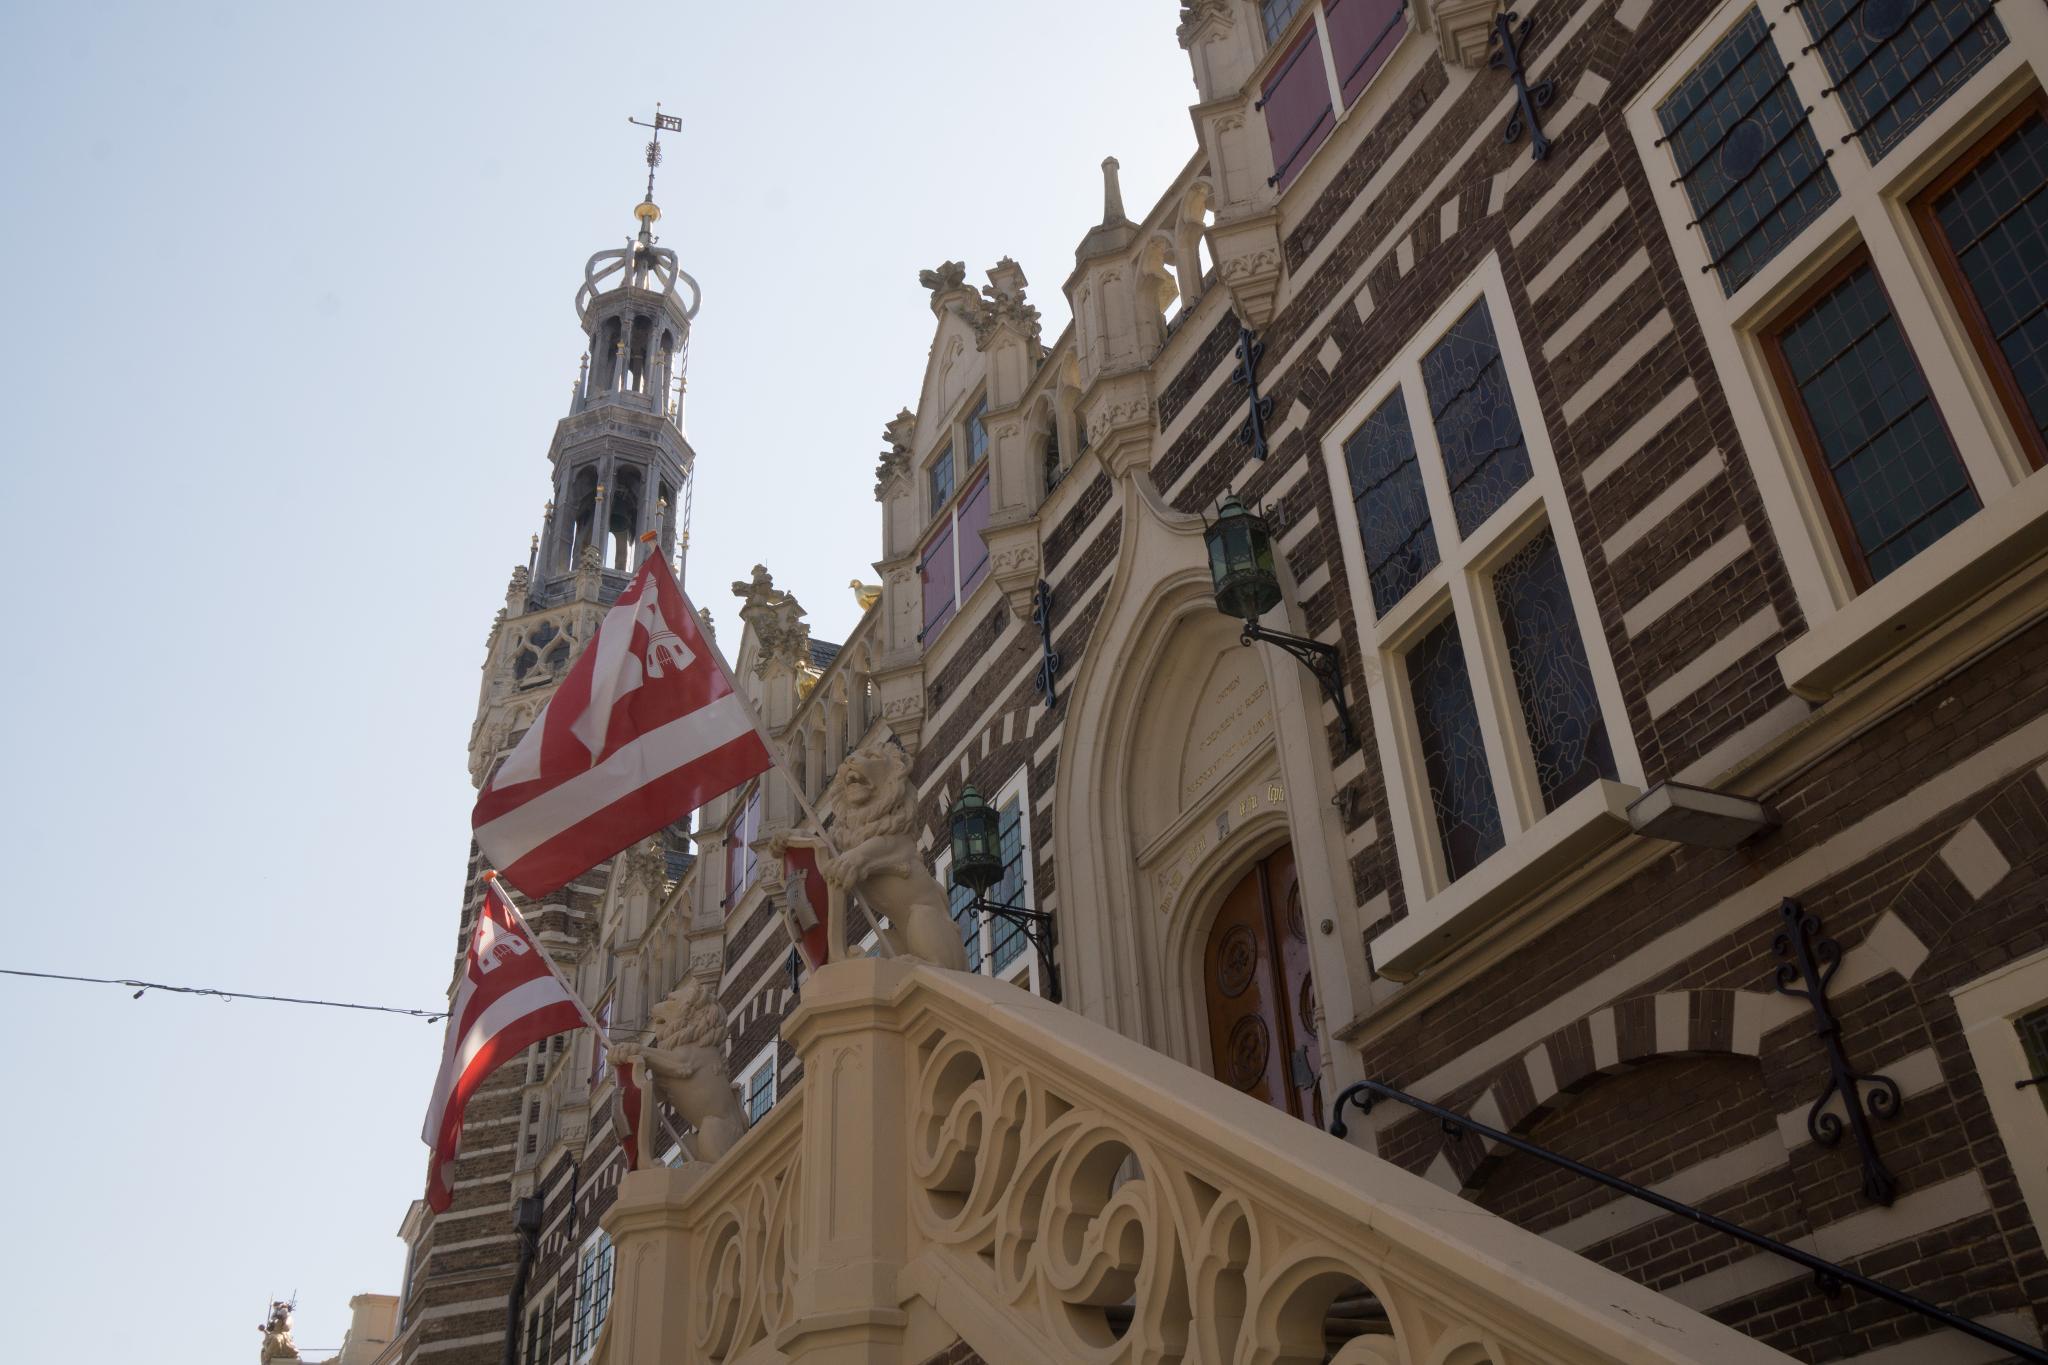 【荷蘭印象】體驗道地的荷式風情 — Alkmaar 起司市集 散步路線整理 37